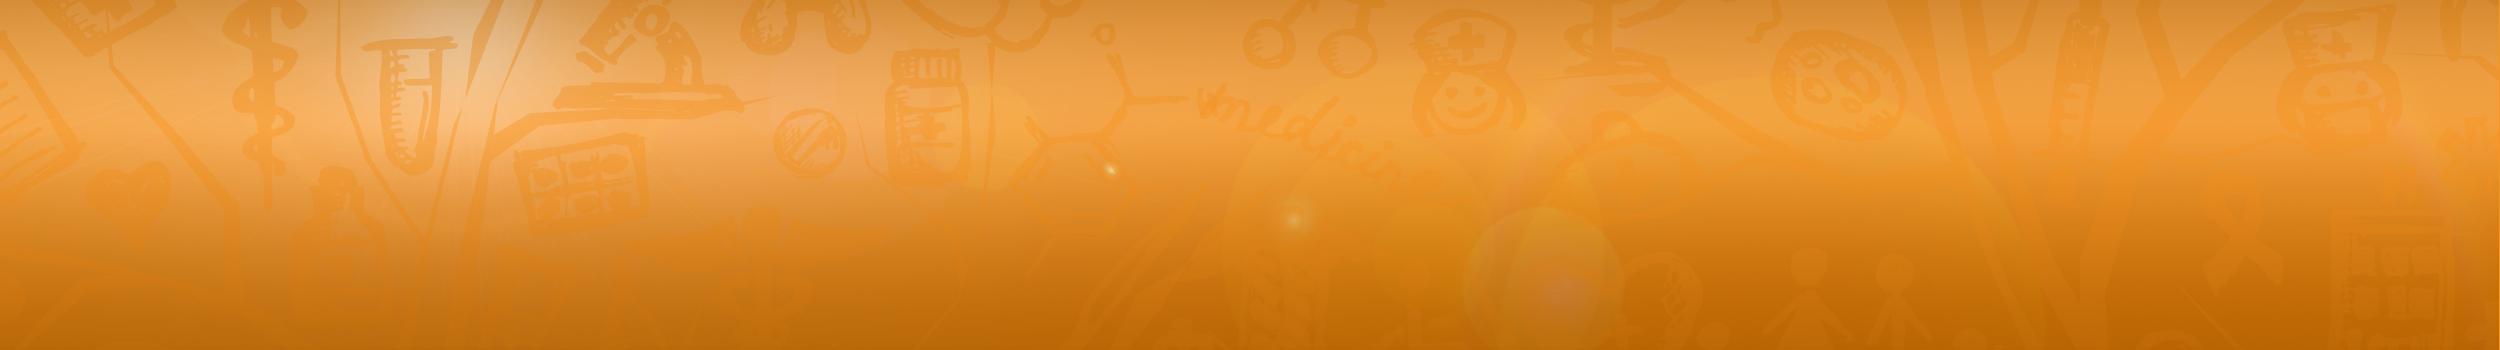 BG_orange